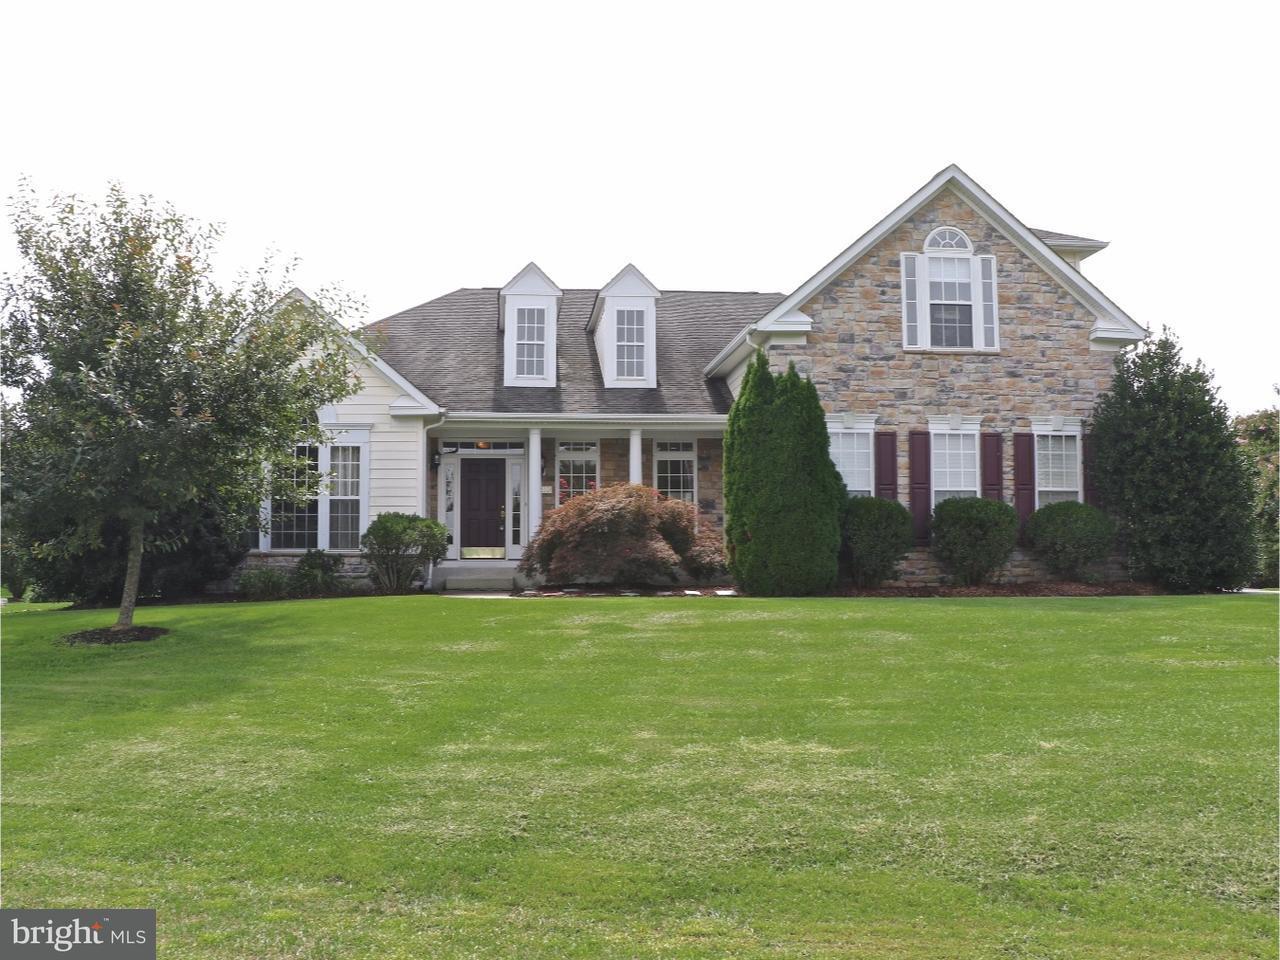 Частный односемейный дом для того Продажа на 15259 ROBINSON Drive Milton, Делавэр 19968 Соединенные Штаты